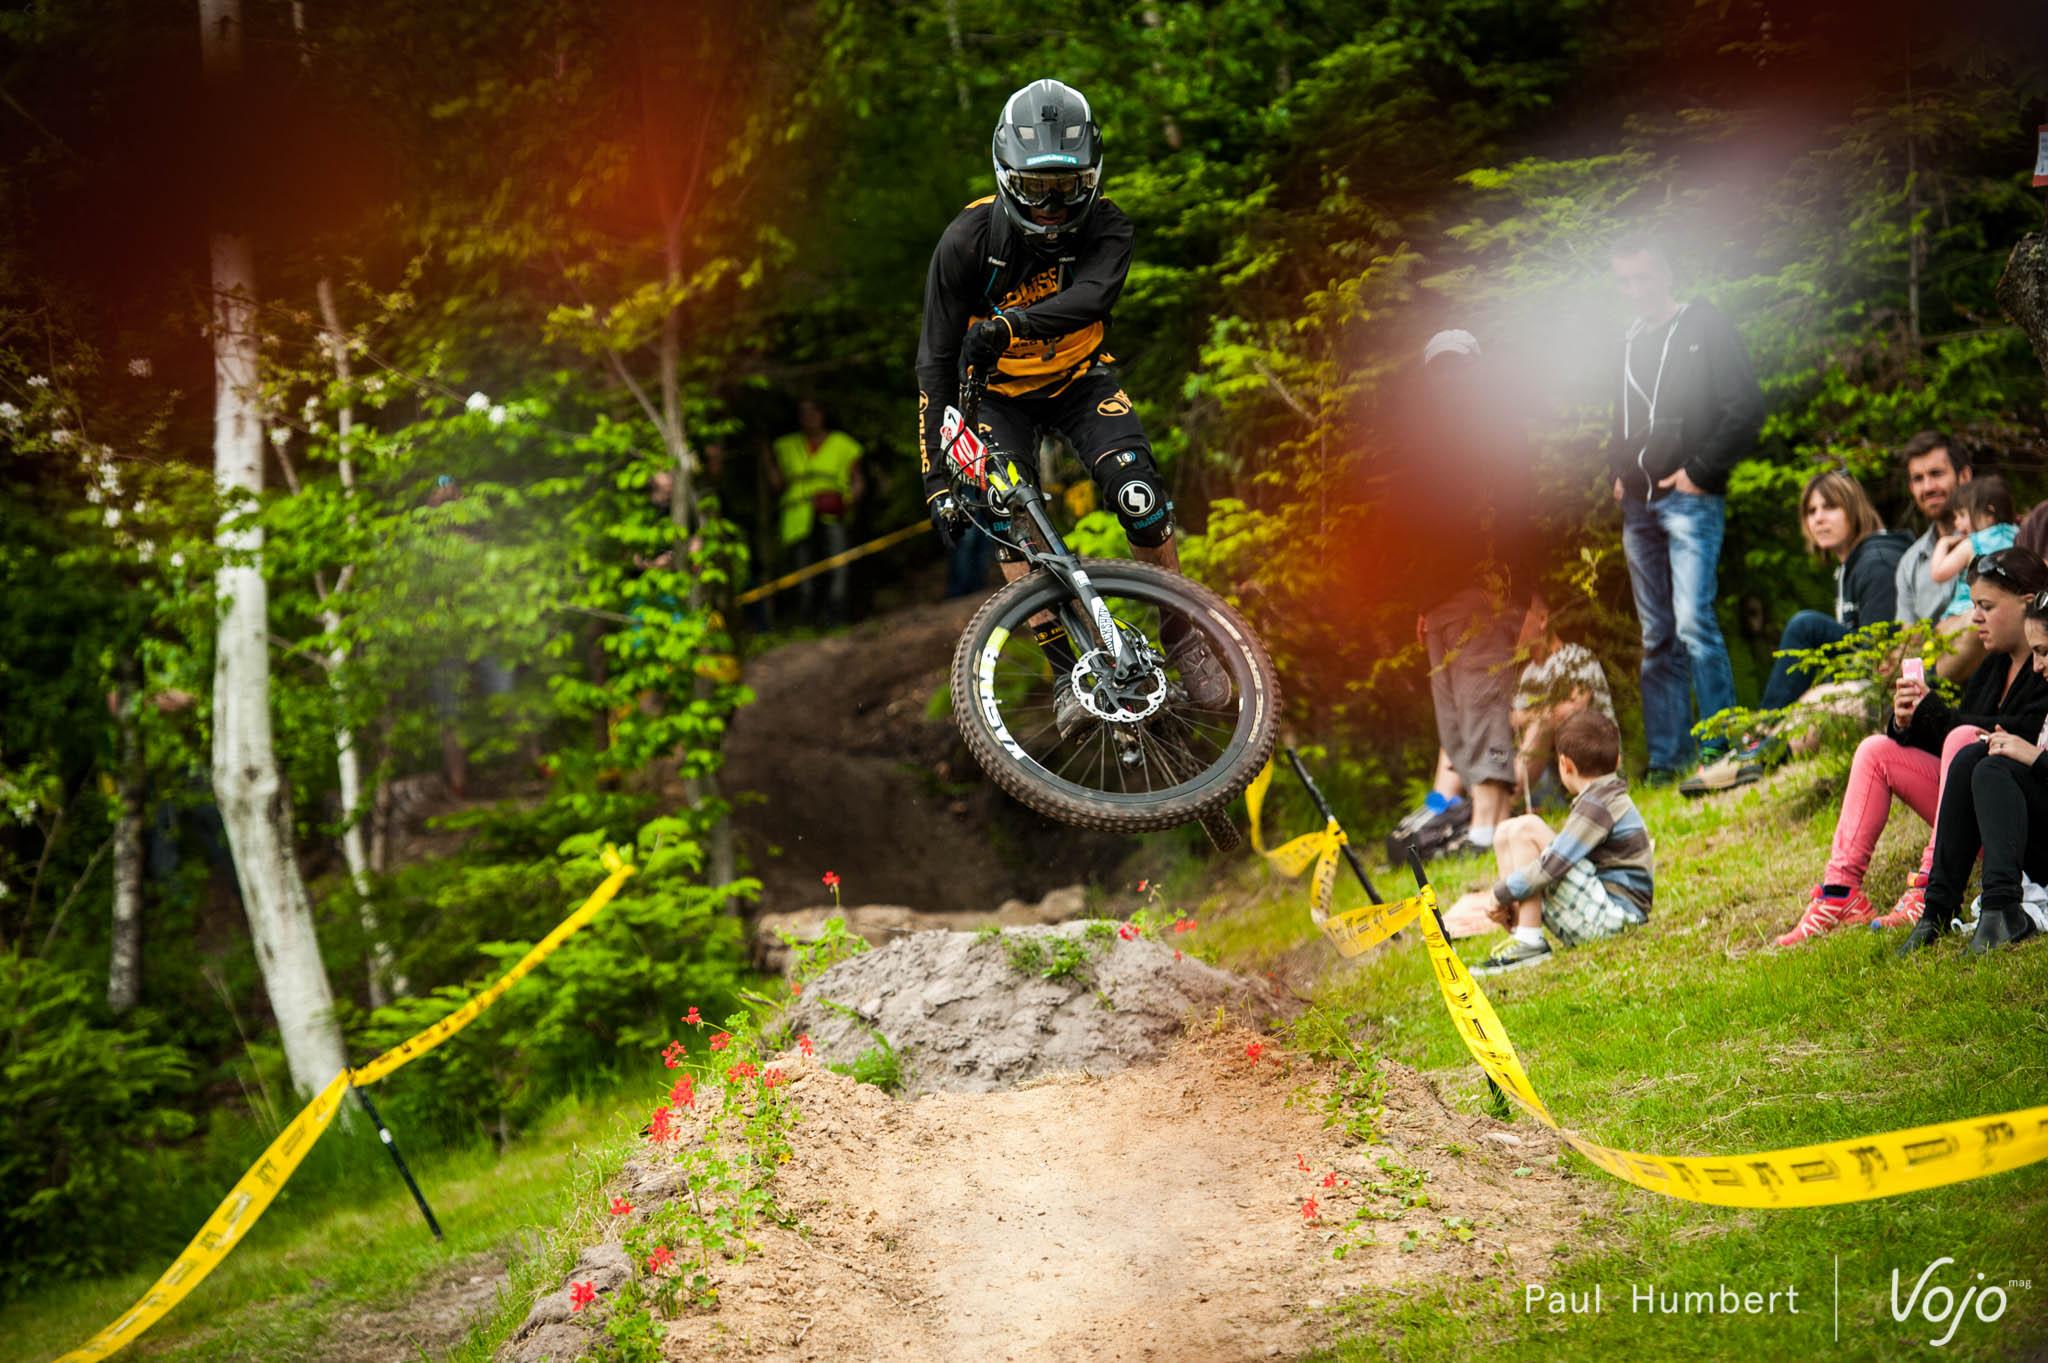 Raon-l-etape-vojo-2016-paul-humbert-79